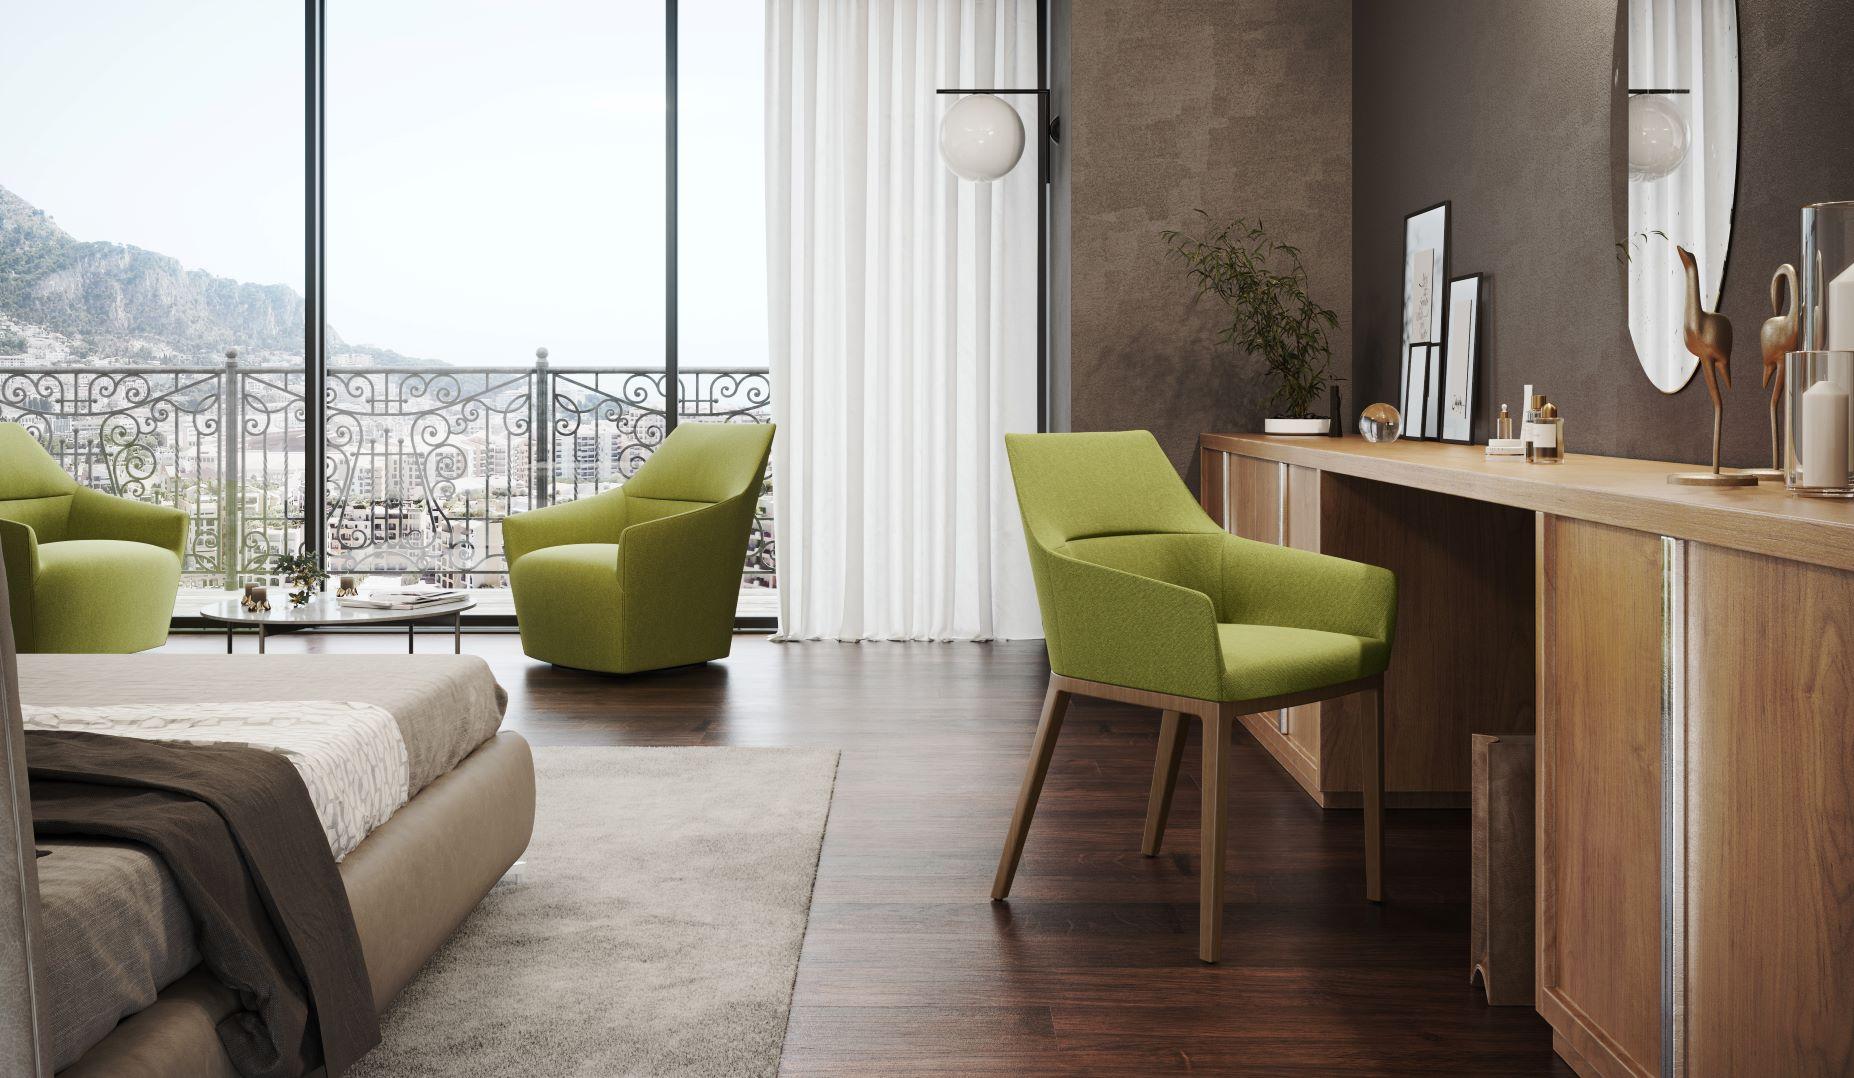 Mīkstie atpūtas krēsli mājai, viesnīcai un birojam no Profim